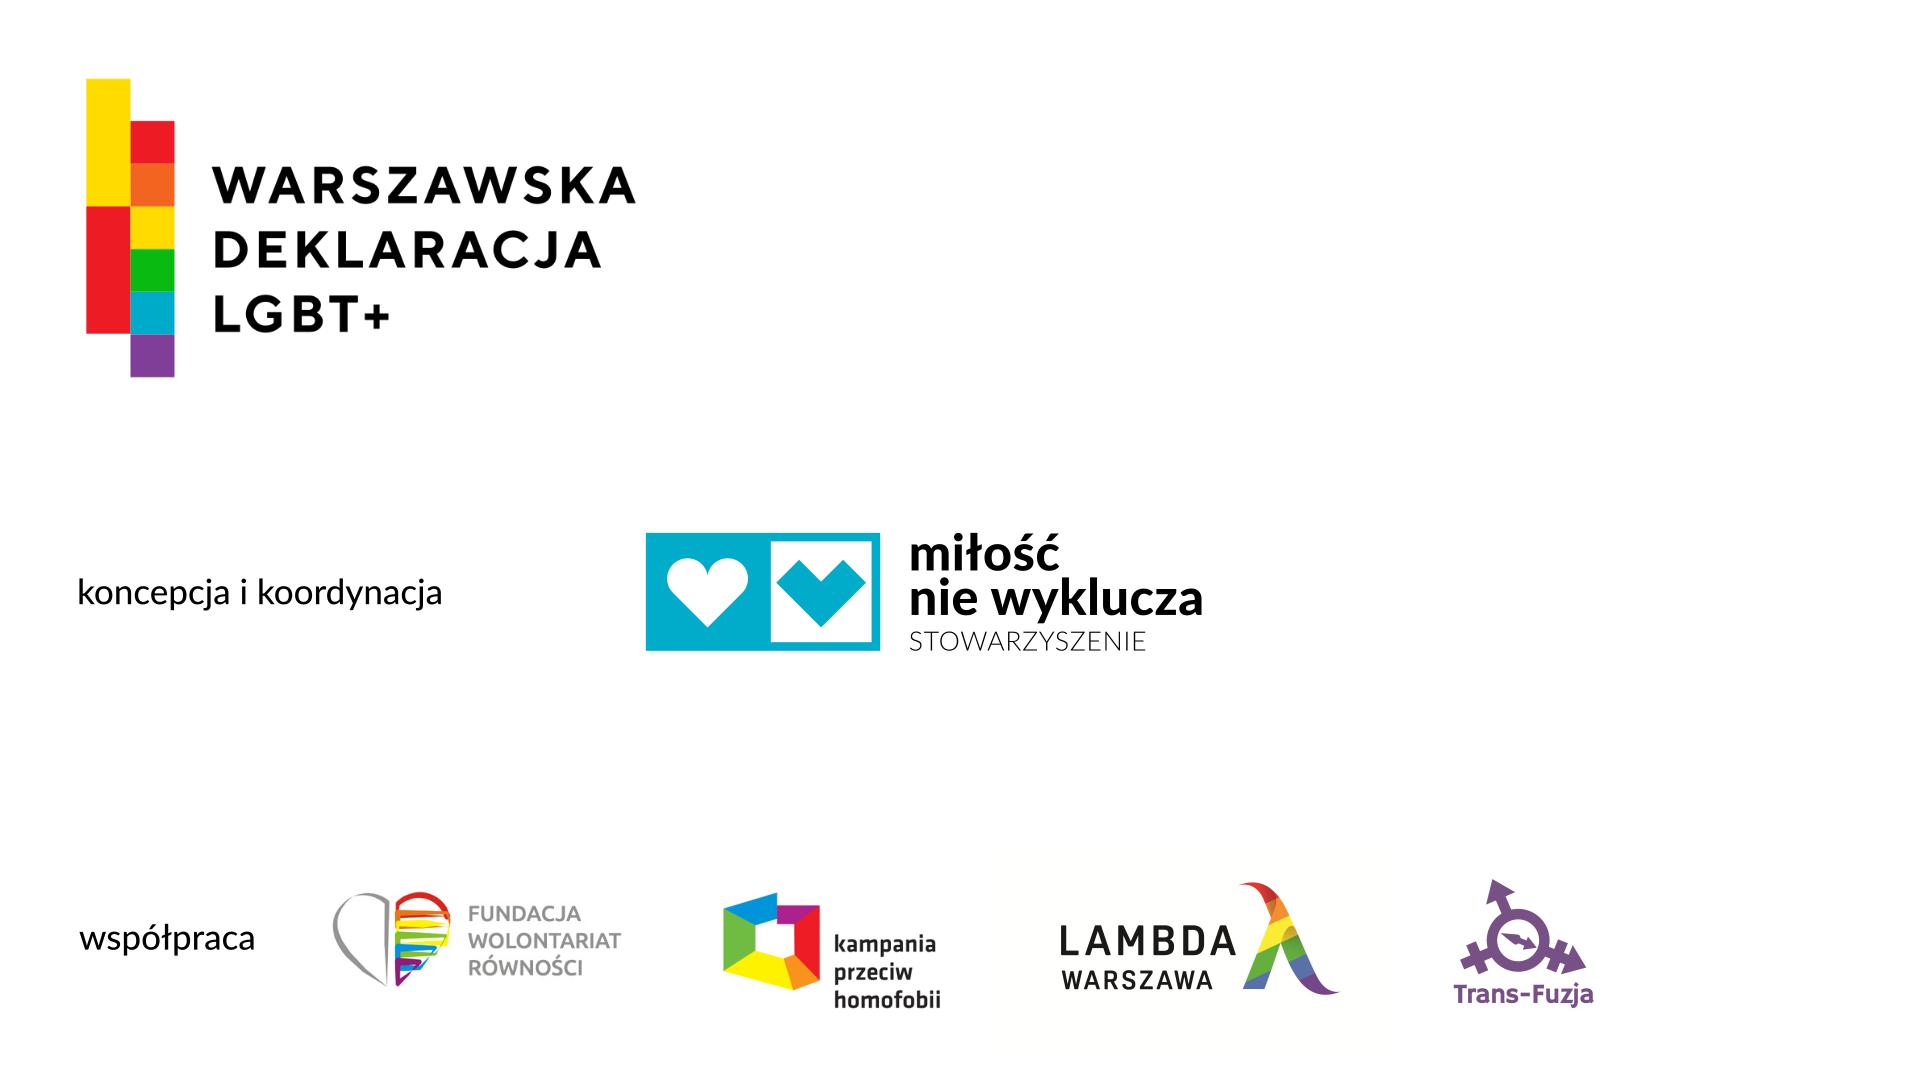 warszawska deklaracja lgbt+ autorzy milosc nie wyklucza